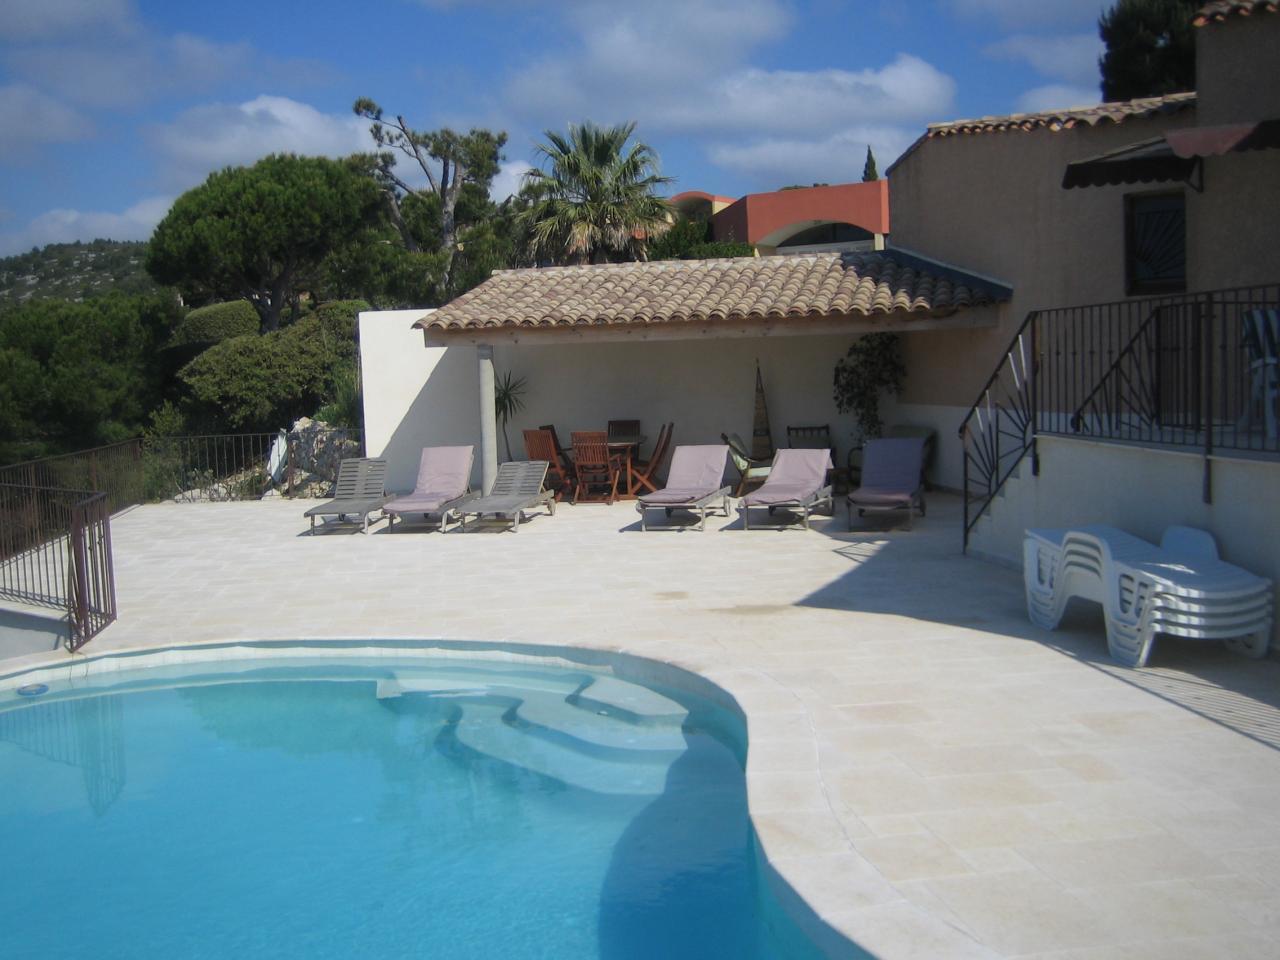 Location maison cassis avec piscine avie home - Magnifique appartement de vacances pubillones ...